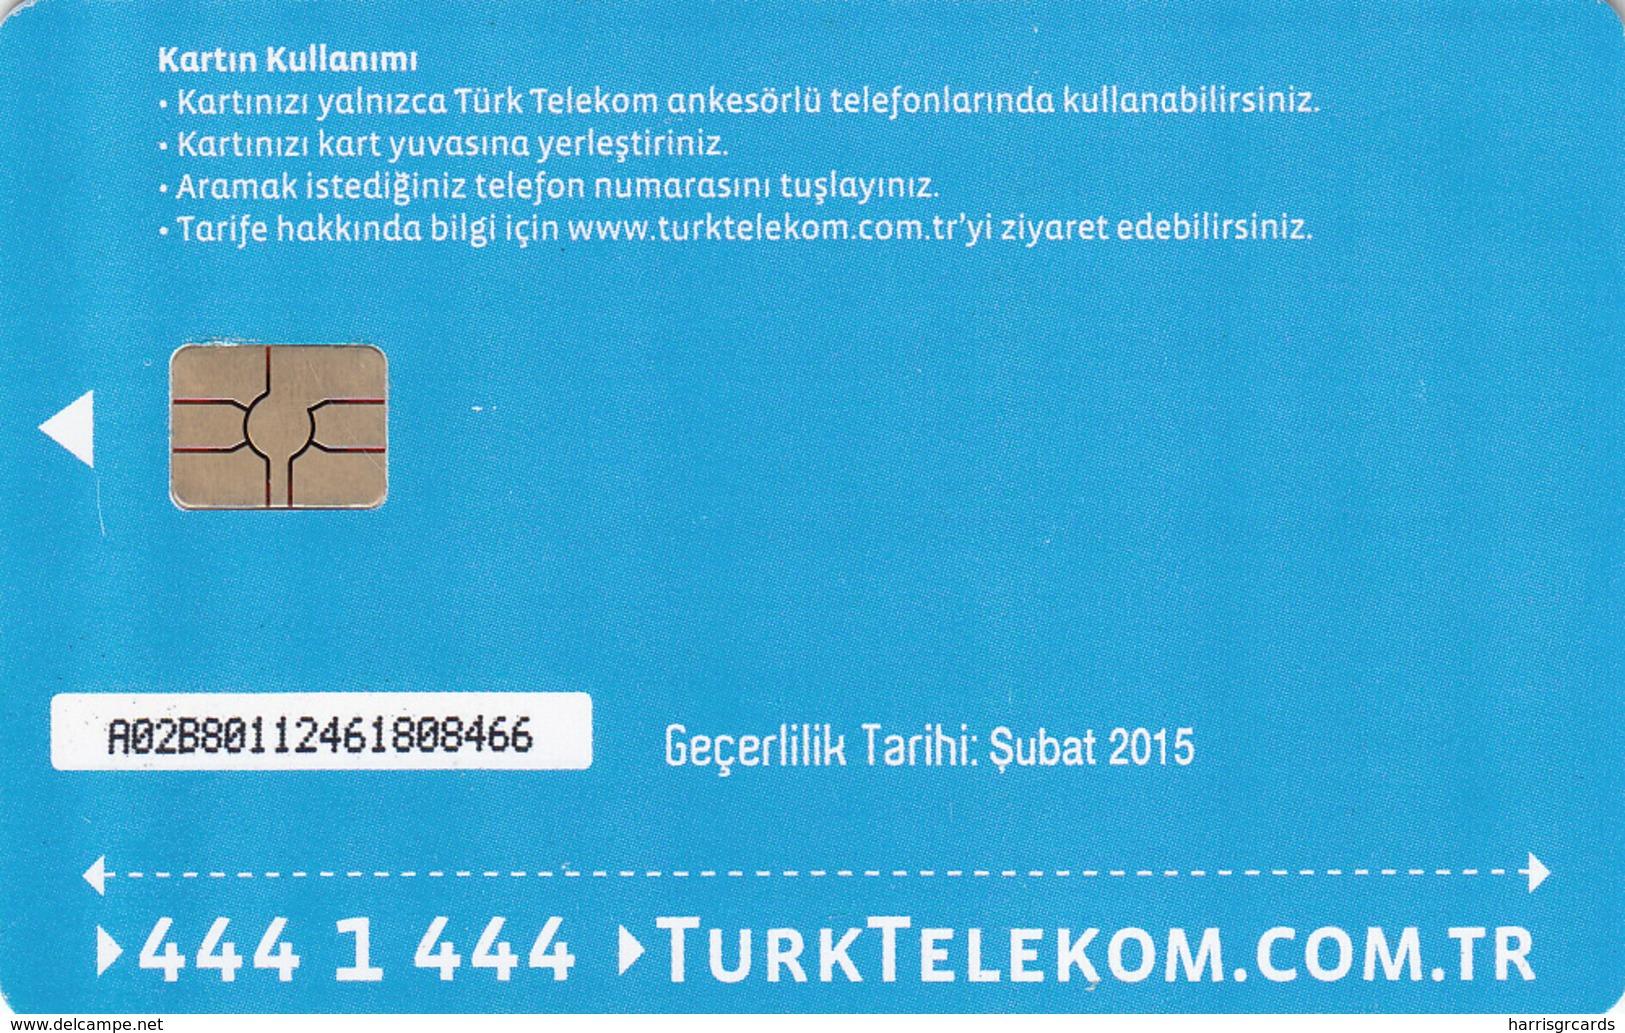 TURKEY - Tüm Aramalar İçin Arama Kartı , Şubat 2015, Gemplus - GEM5 (Red) , 4 ₤ - Turkish Lira ,09/12, Used - Turquie